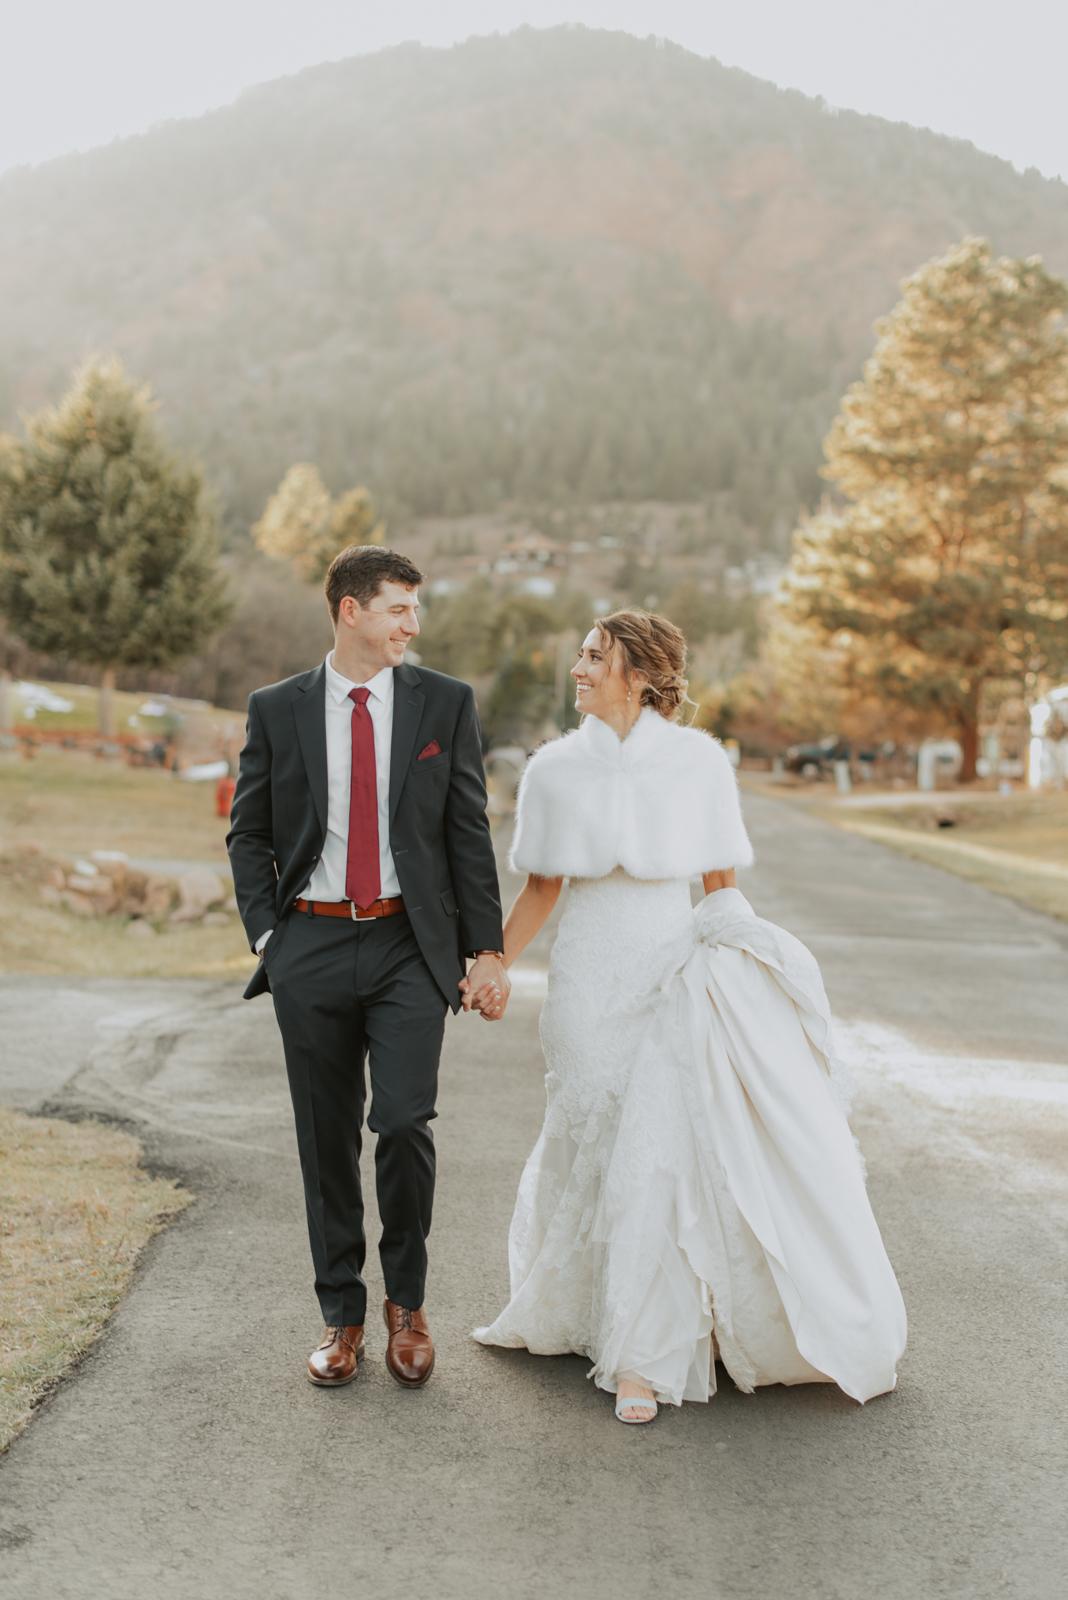 colorado bride + groom portraits at their mountainside winter wedding in Larkspur, Colorado